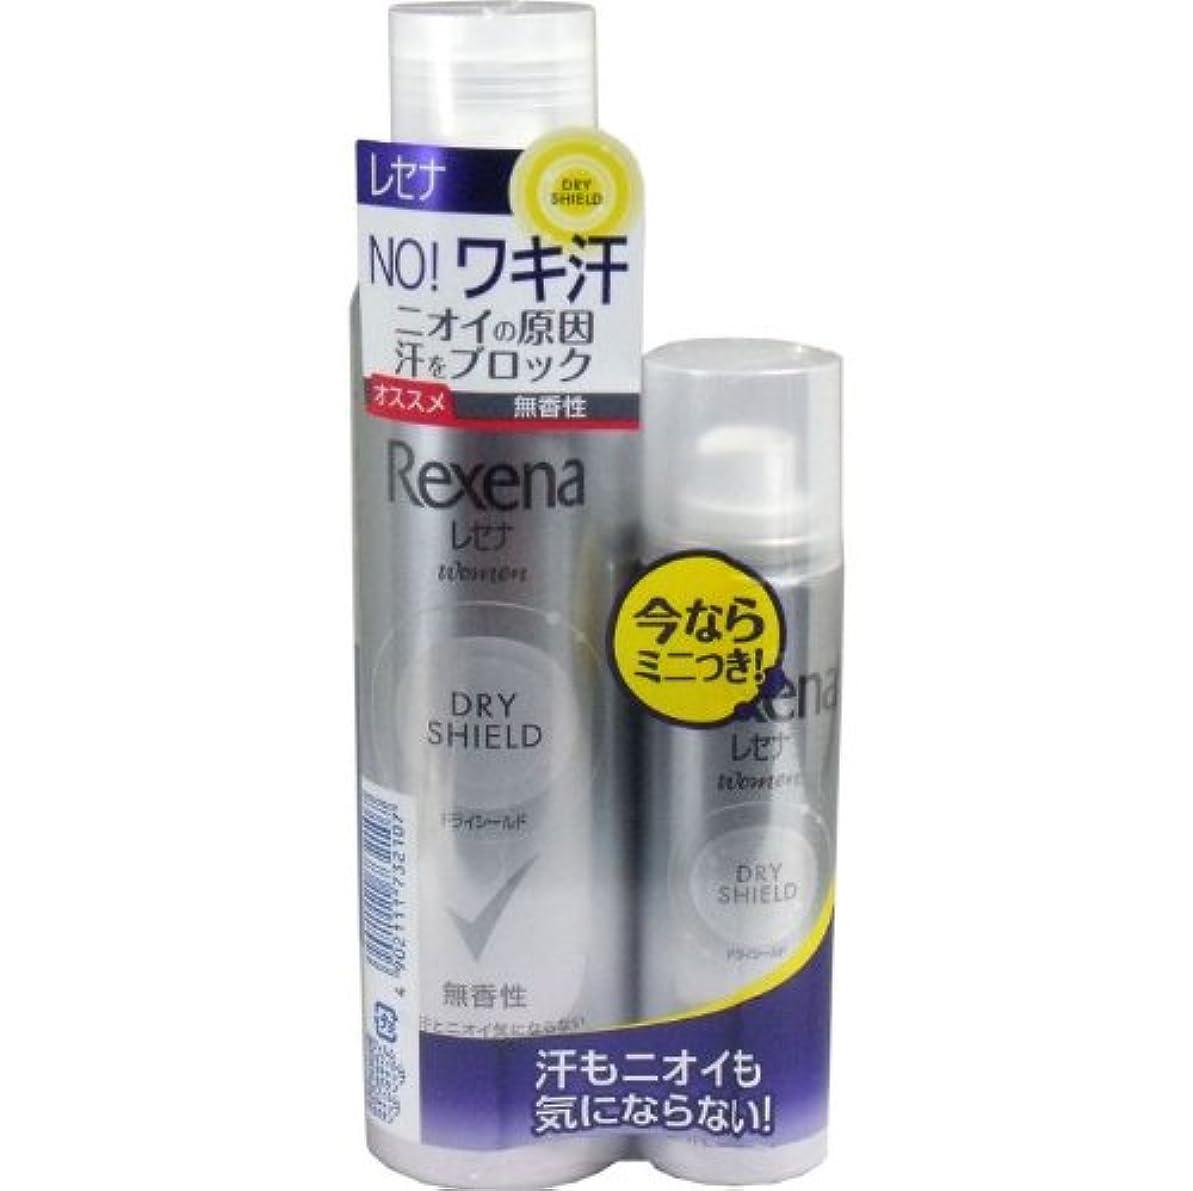 キルトアイデア何故なのレセナ ドライシールドパウダースプレー 無香性 135g+(おまけ45g付き) 【5個セット】